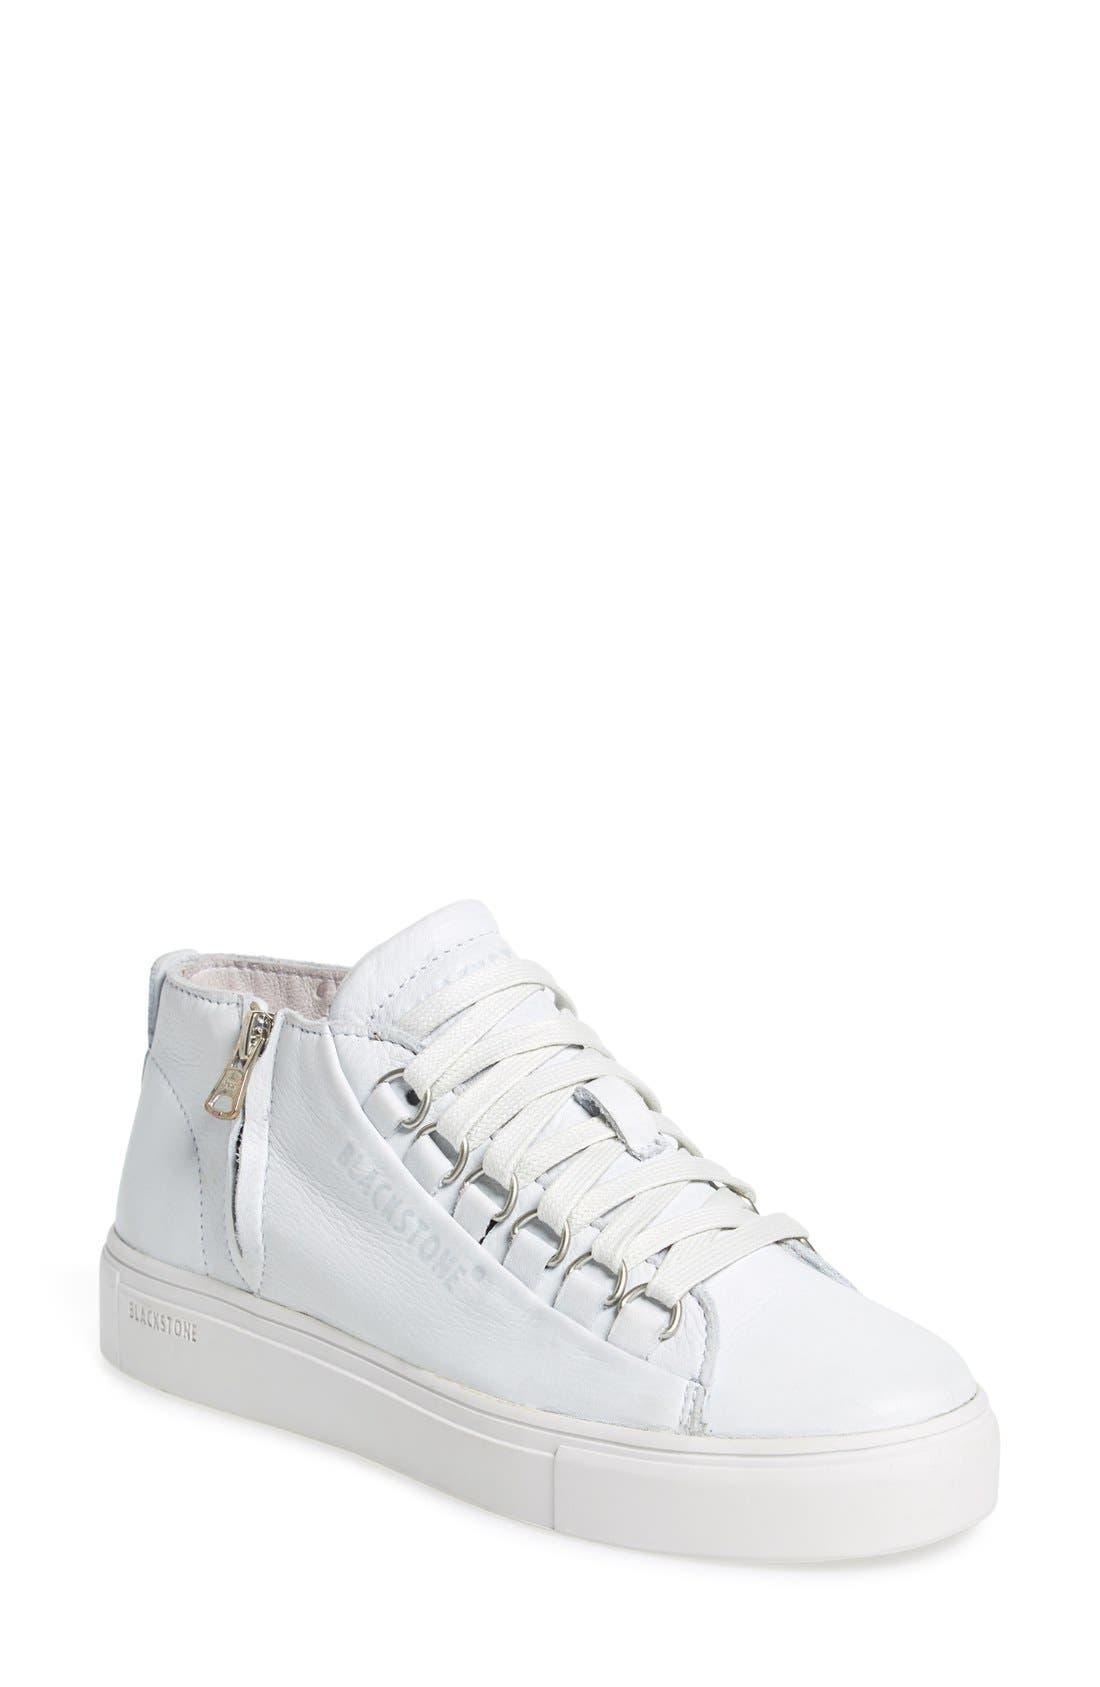 BLACKSTONE, 'LL60' Midi Sneaker, Main thumbnail 1, color, WHITE LEATHER